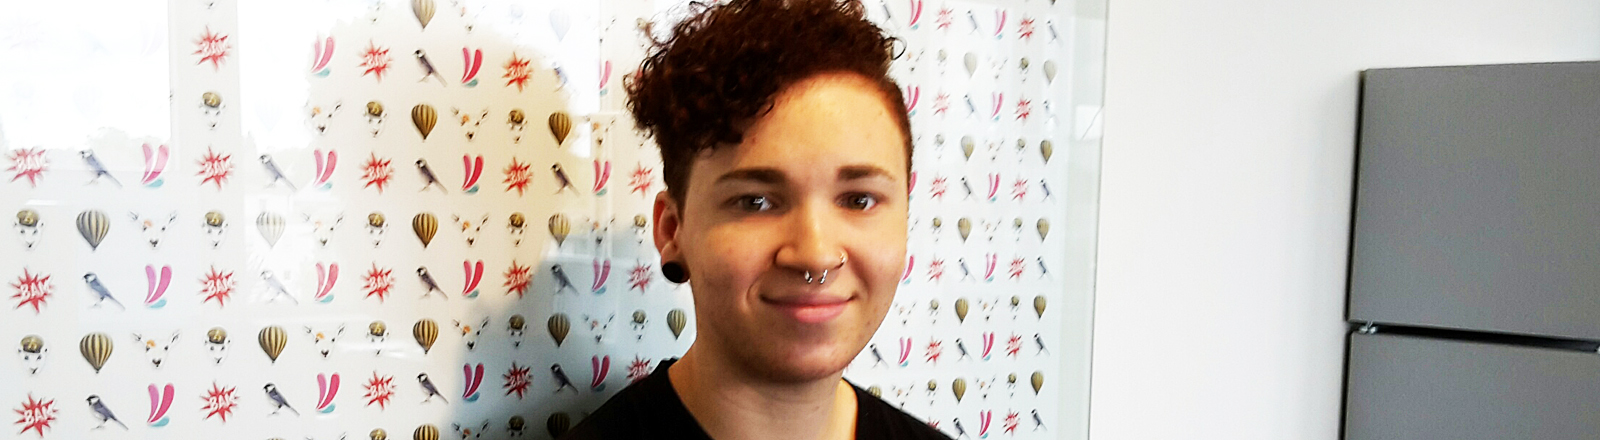 Adam, 23, studiert Japanologie und Geschichte in Düsseldorf